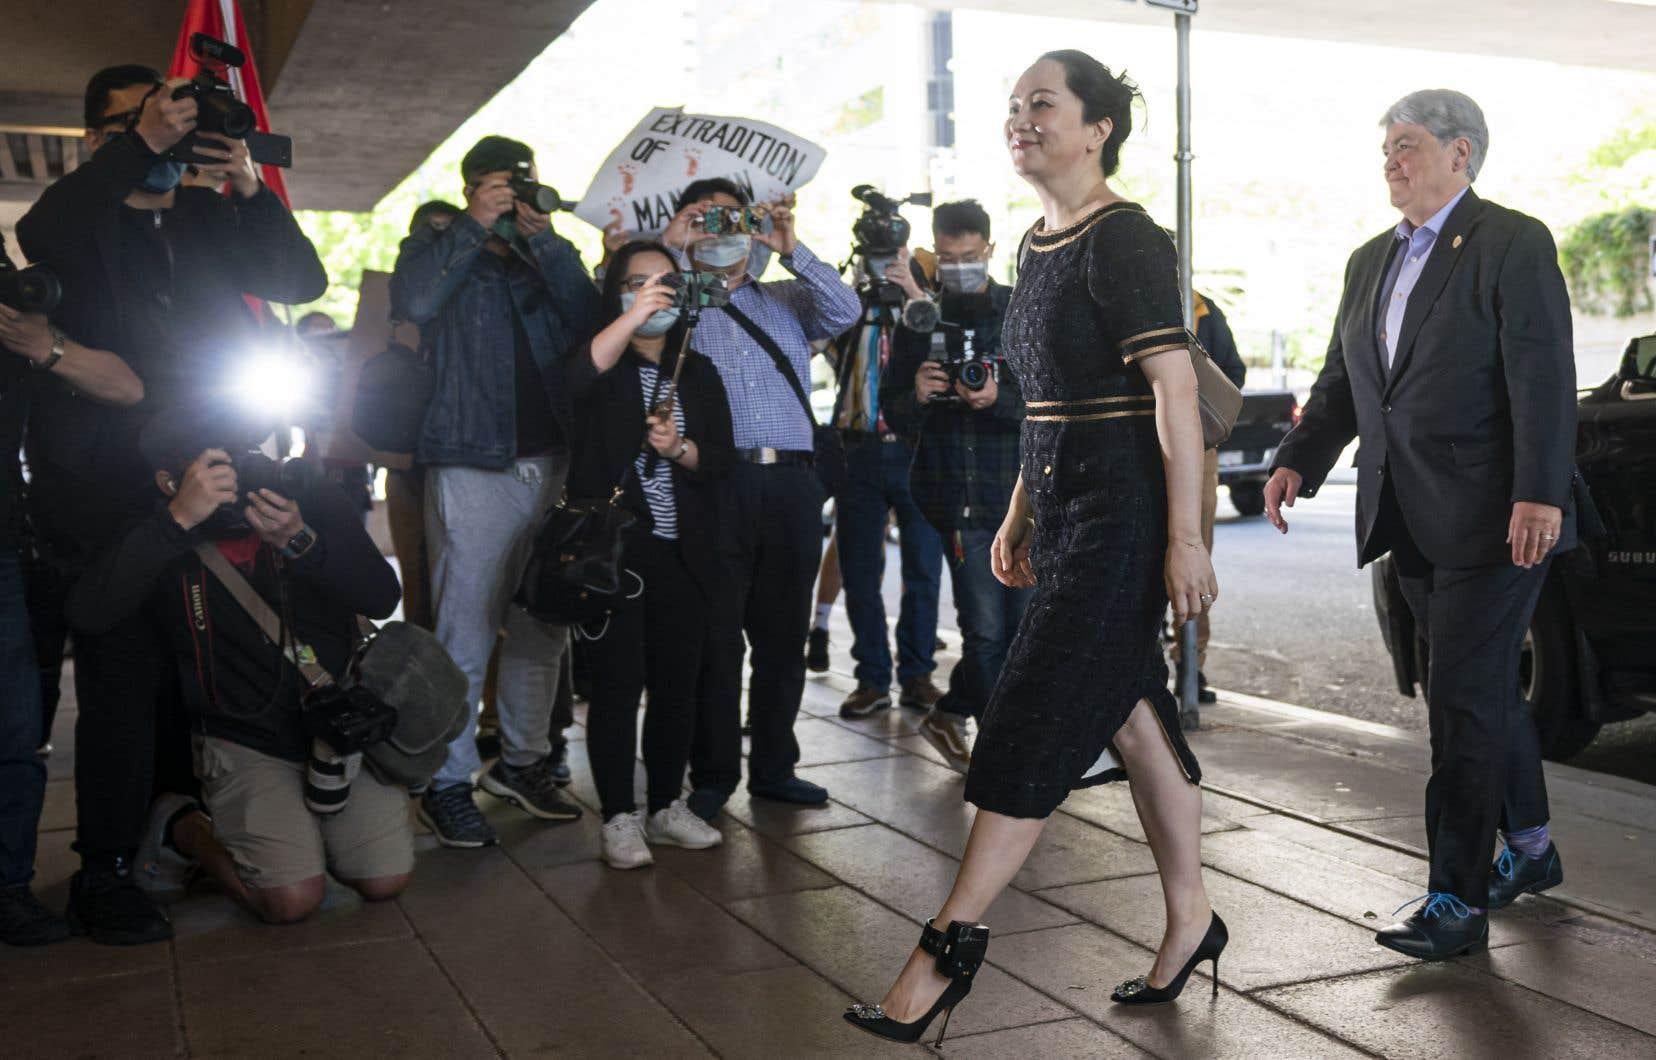 La saga Meng est loin d'être terminée, la cour devra déterminer à la mi-juin si les droits de la femme d'affaires ont été bafoués au moment de son arrestation.